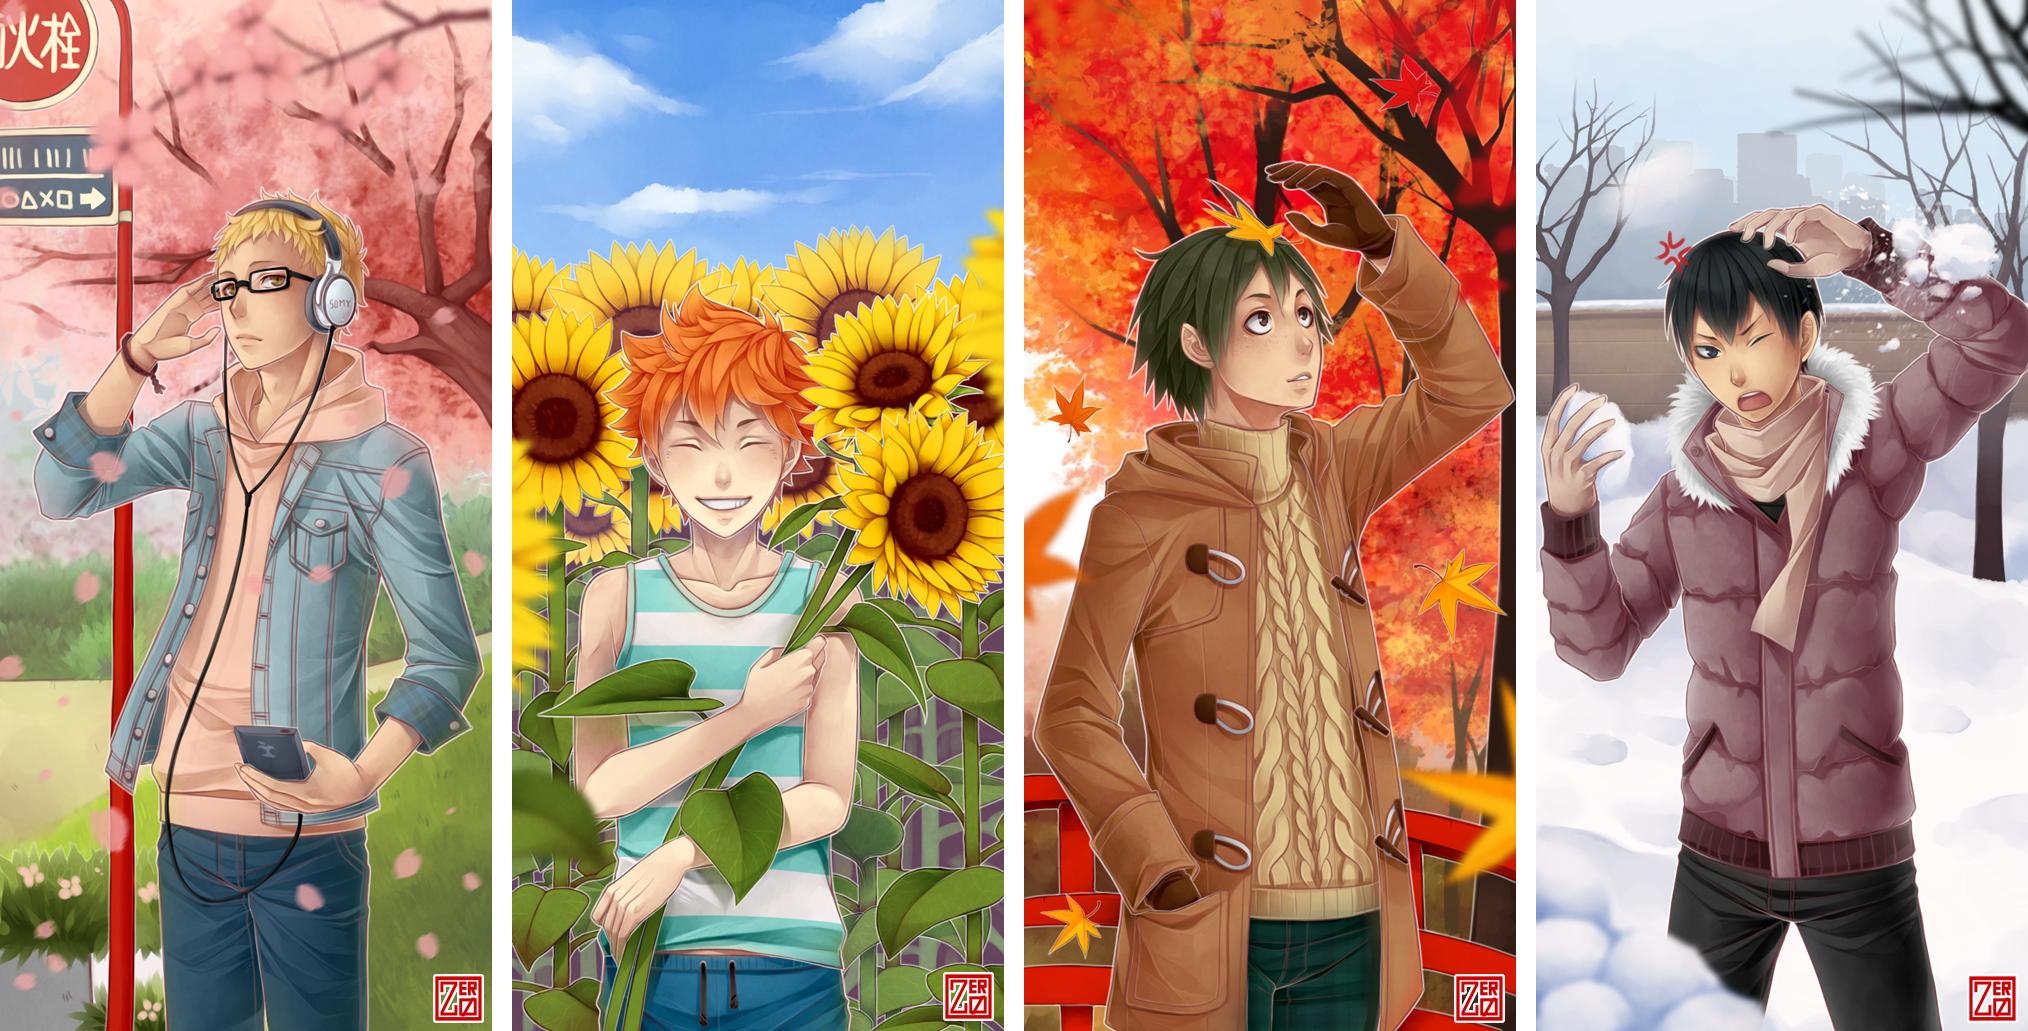 Haikyuu!! - 1st year 4 seasons by zero0810